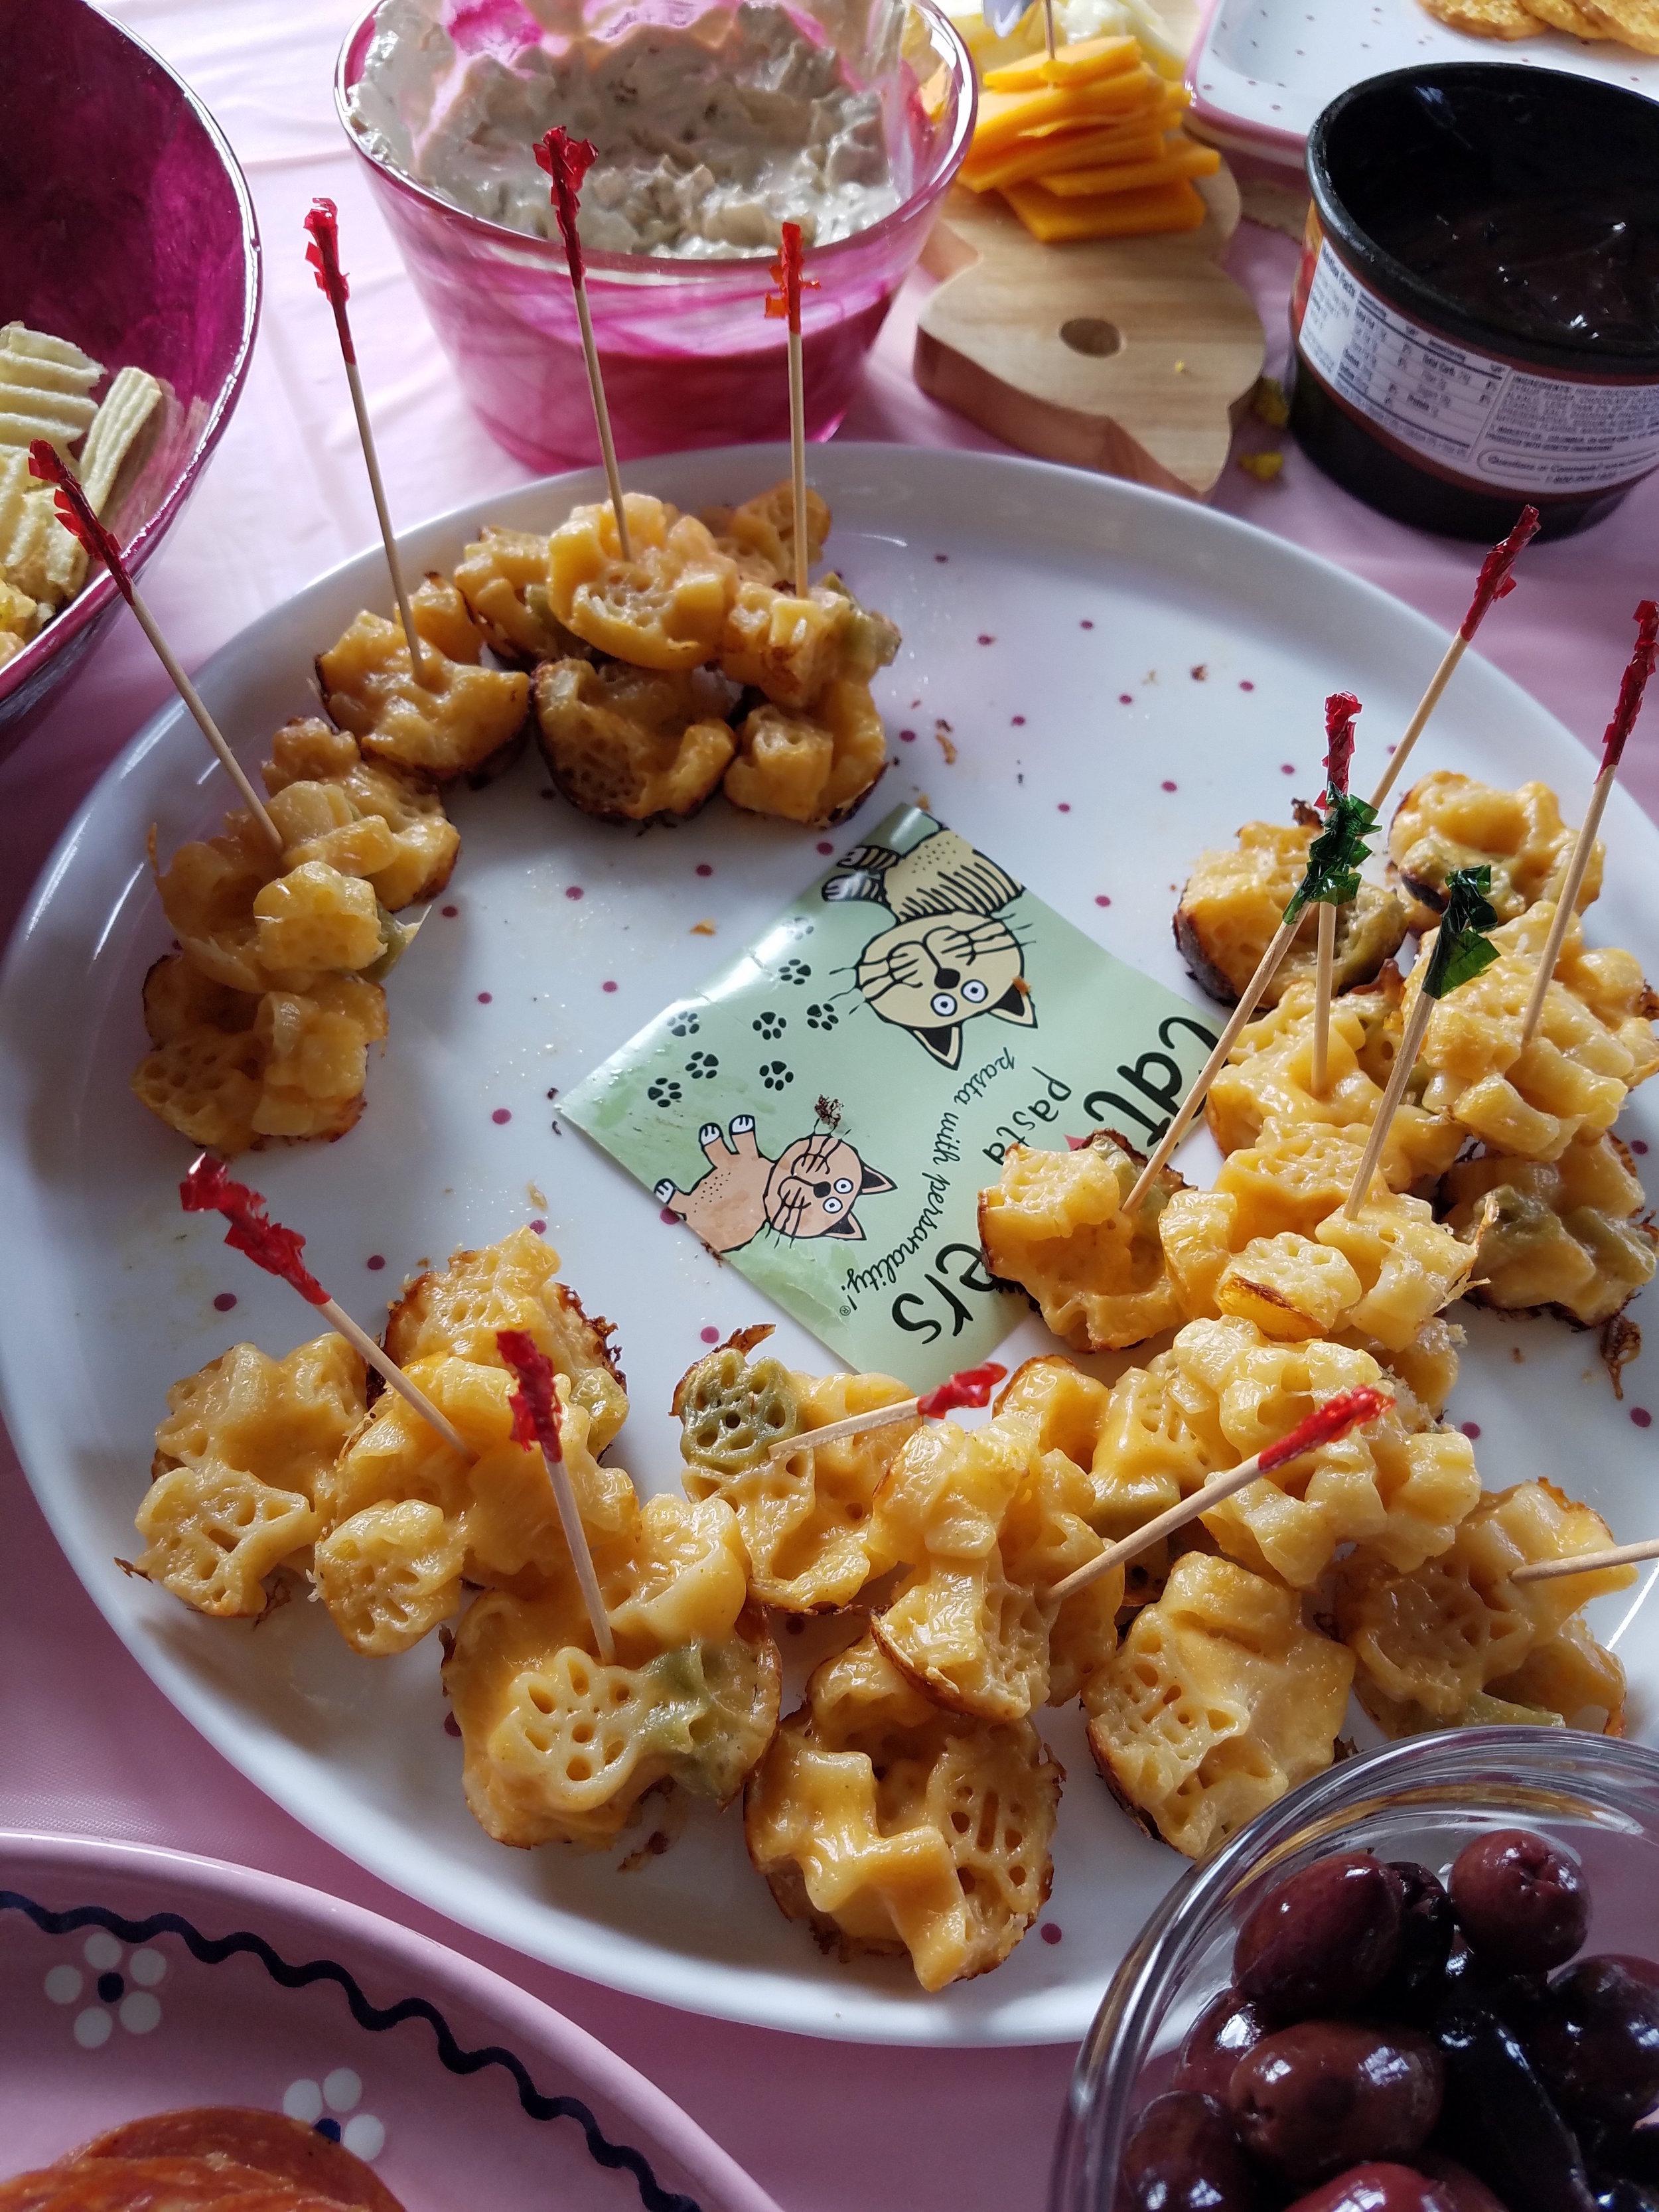 Pawprint mac and cheese bites